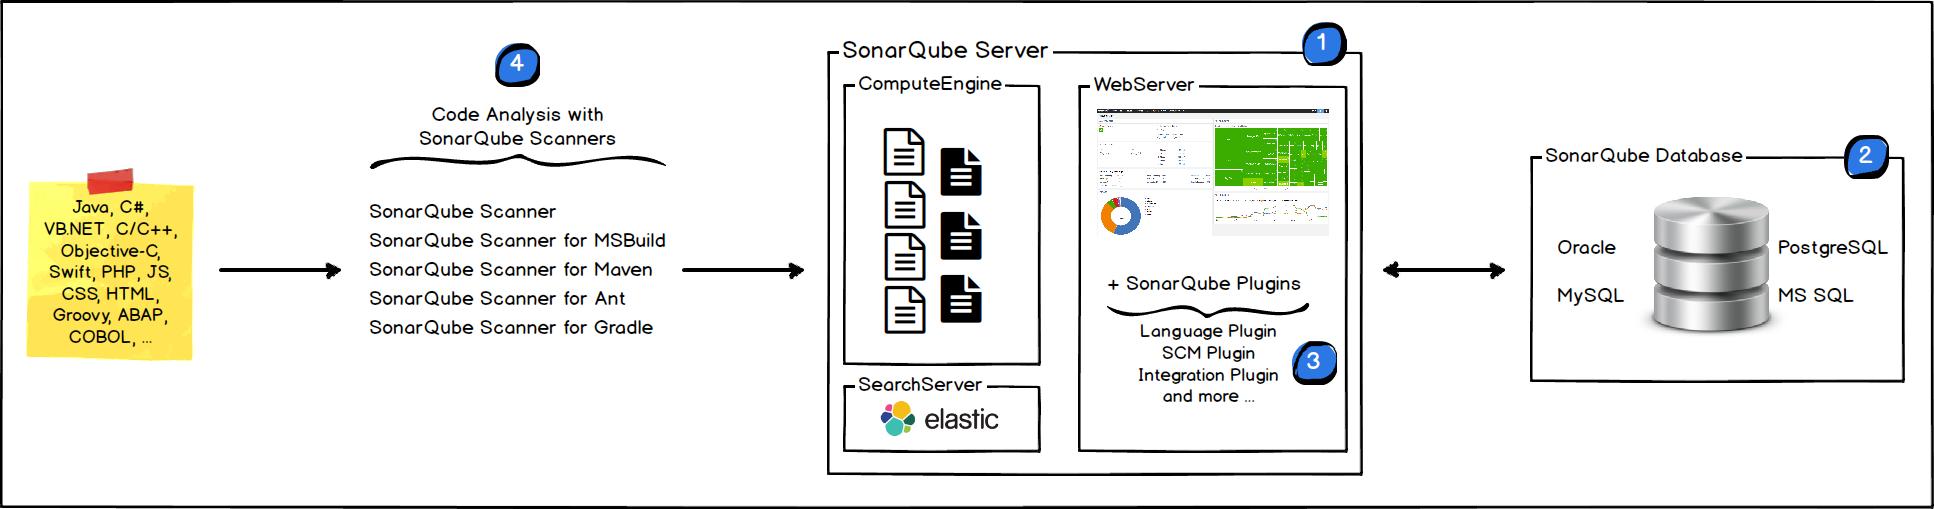 SonarQube服务平台架构图